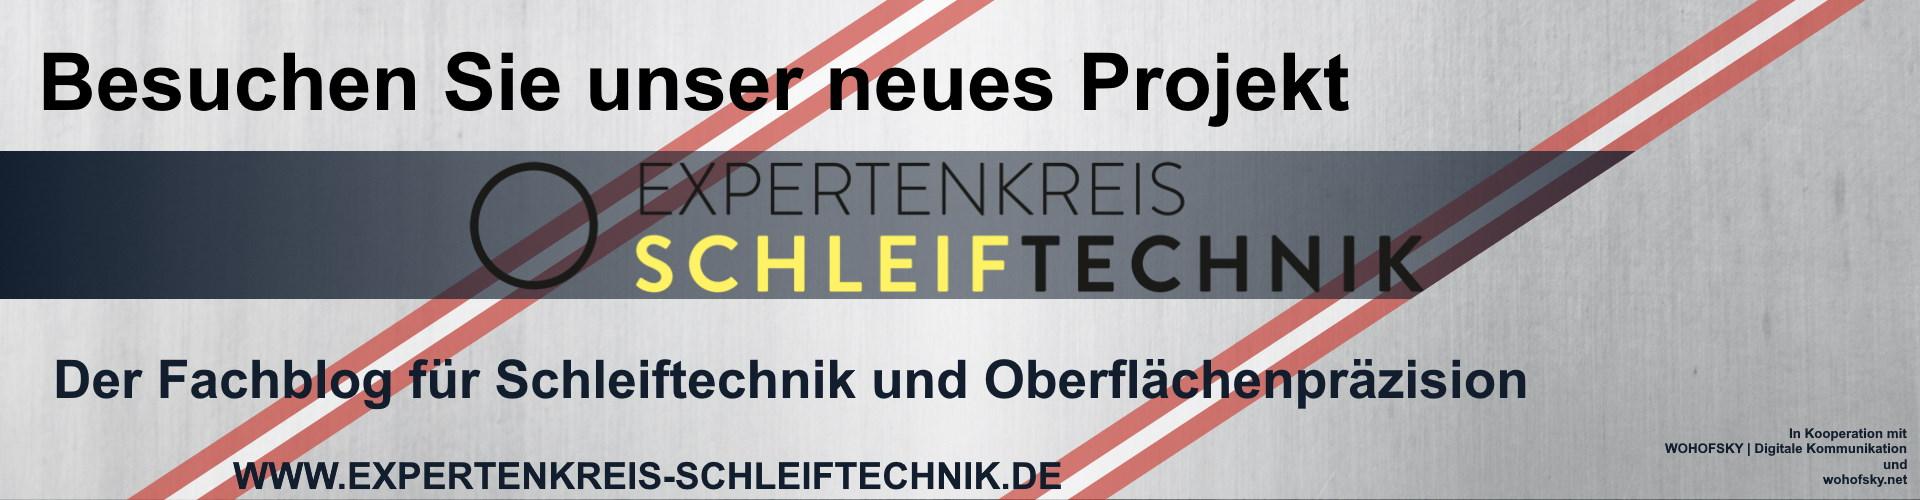 Expertenkreis Schleiftechnik